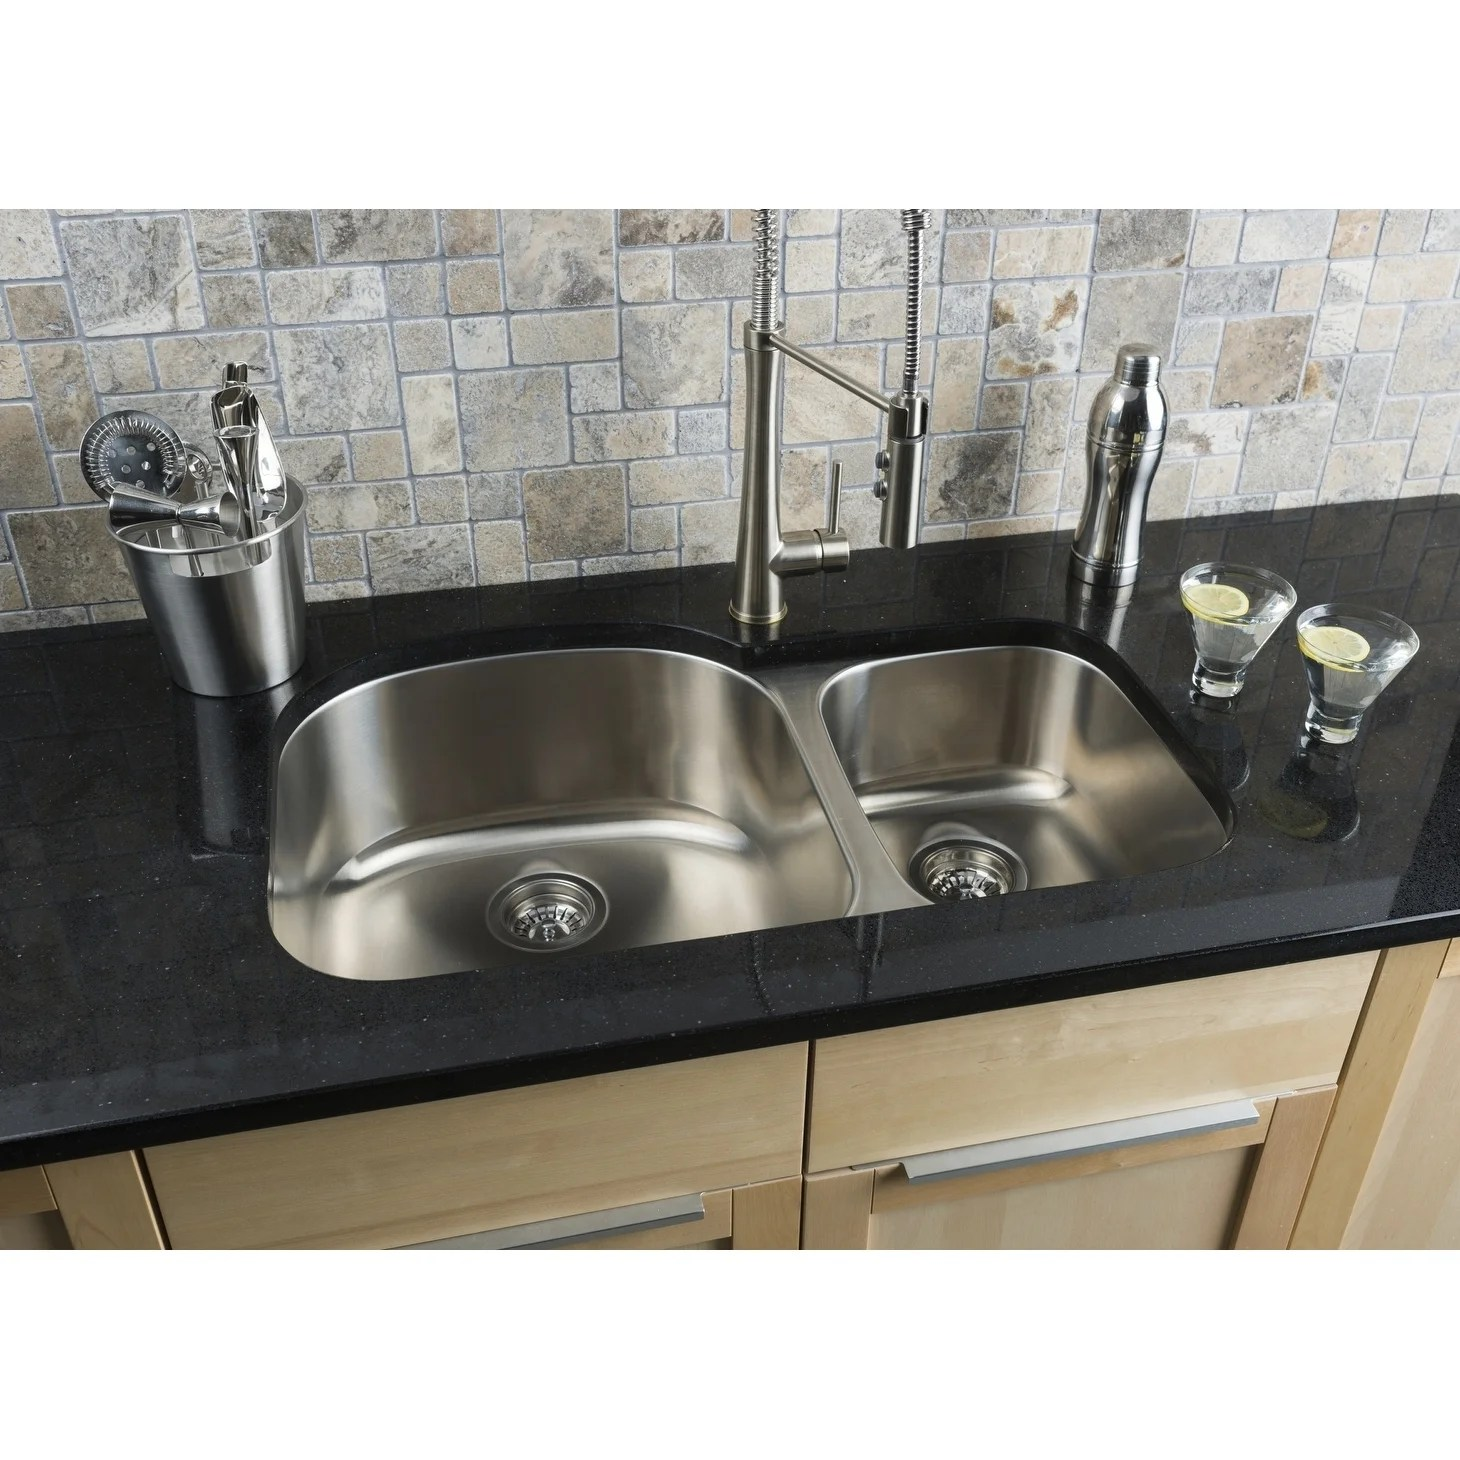 hahn 70 30 stainless steel sink 18 gauge